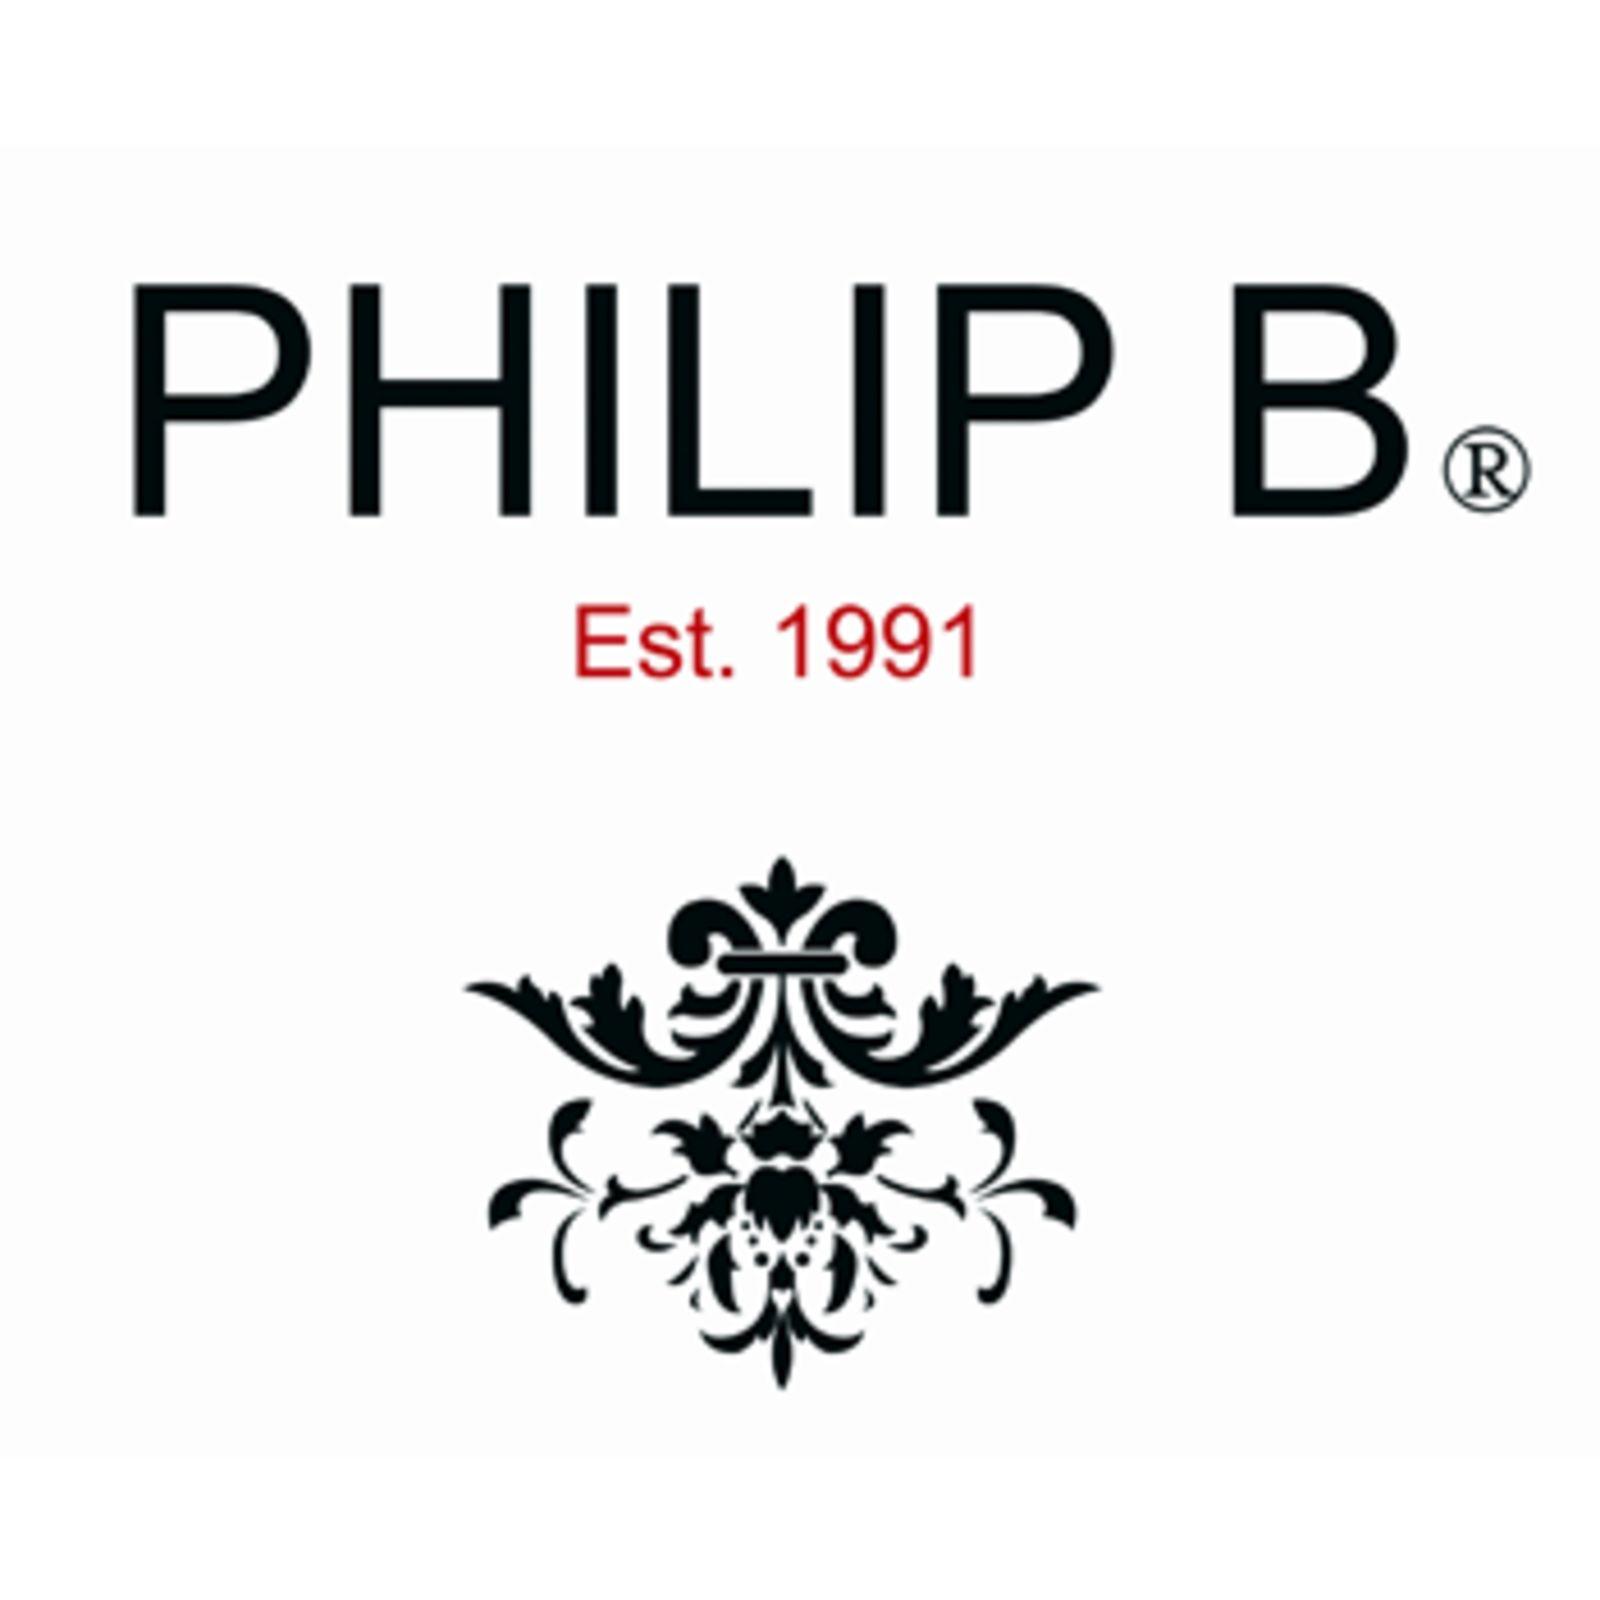 PHILIP B®